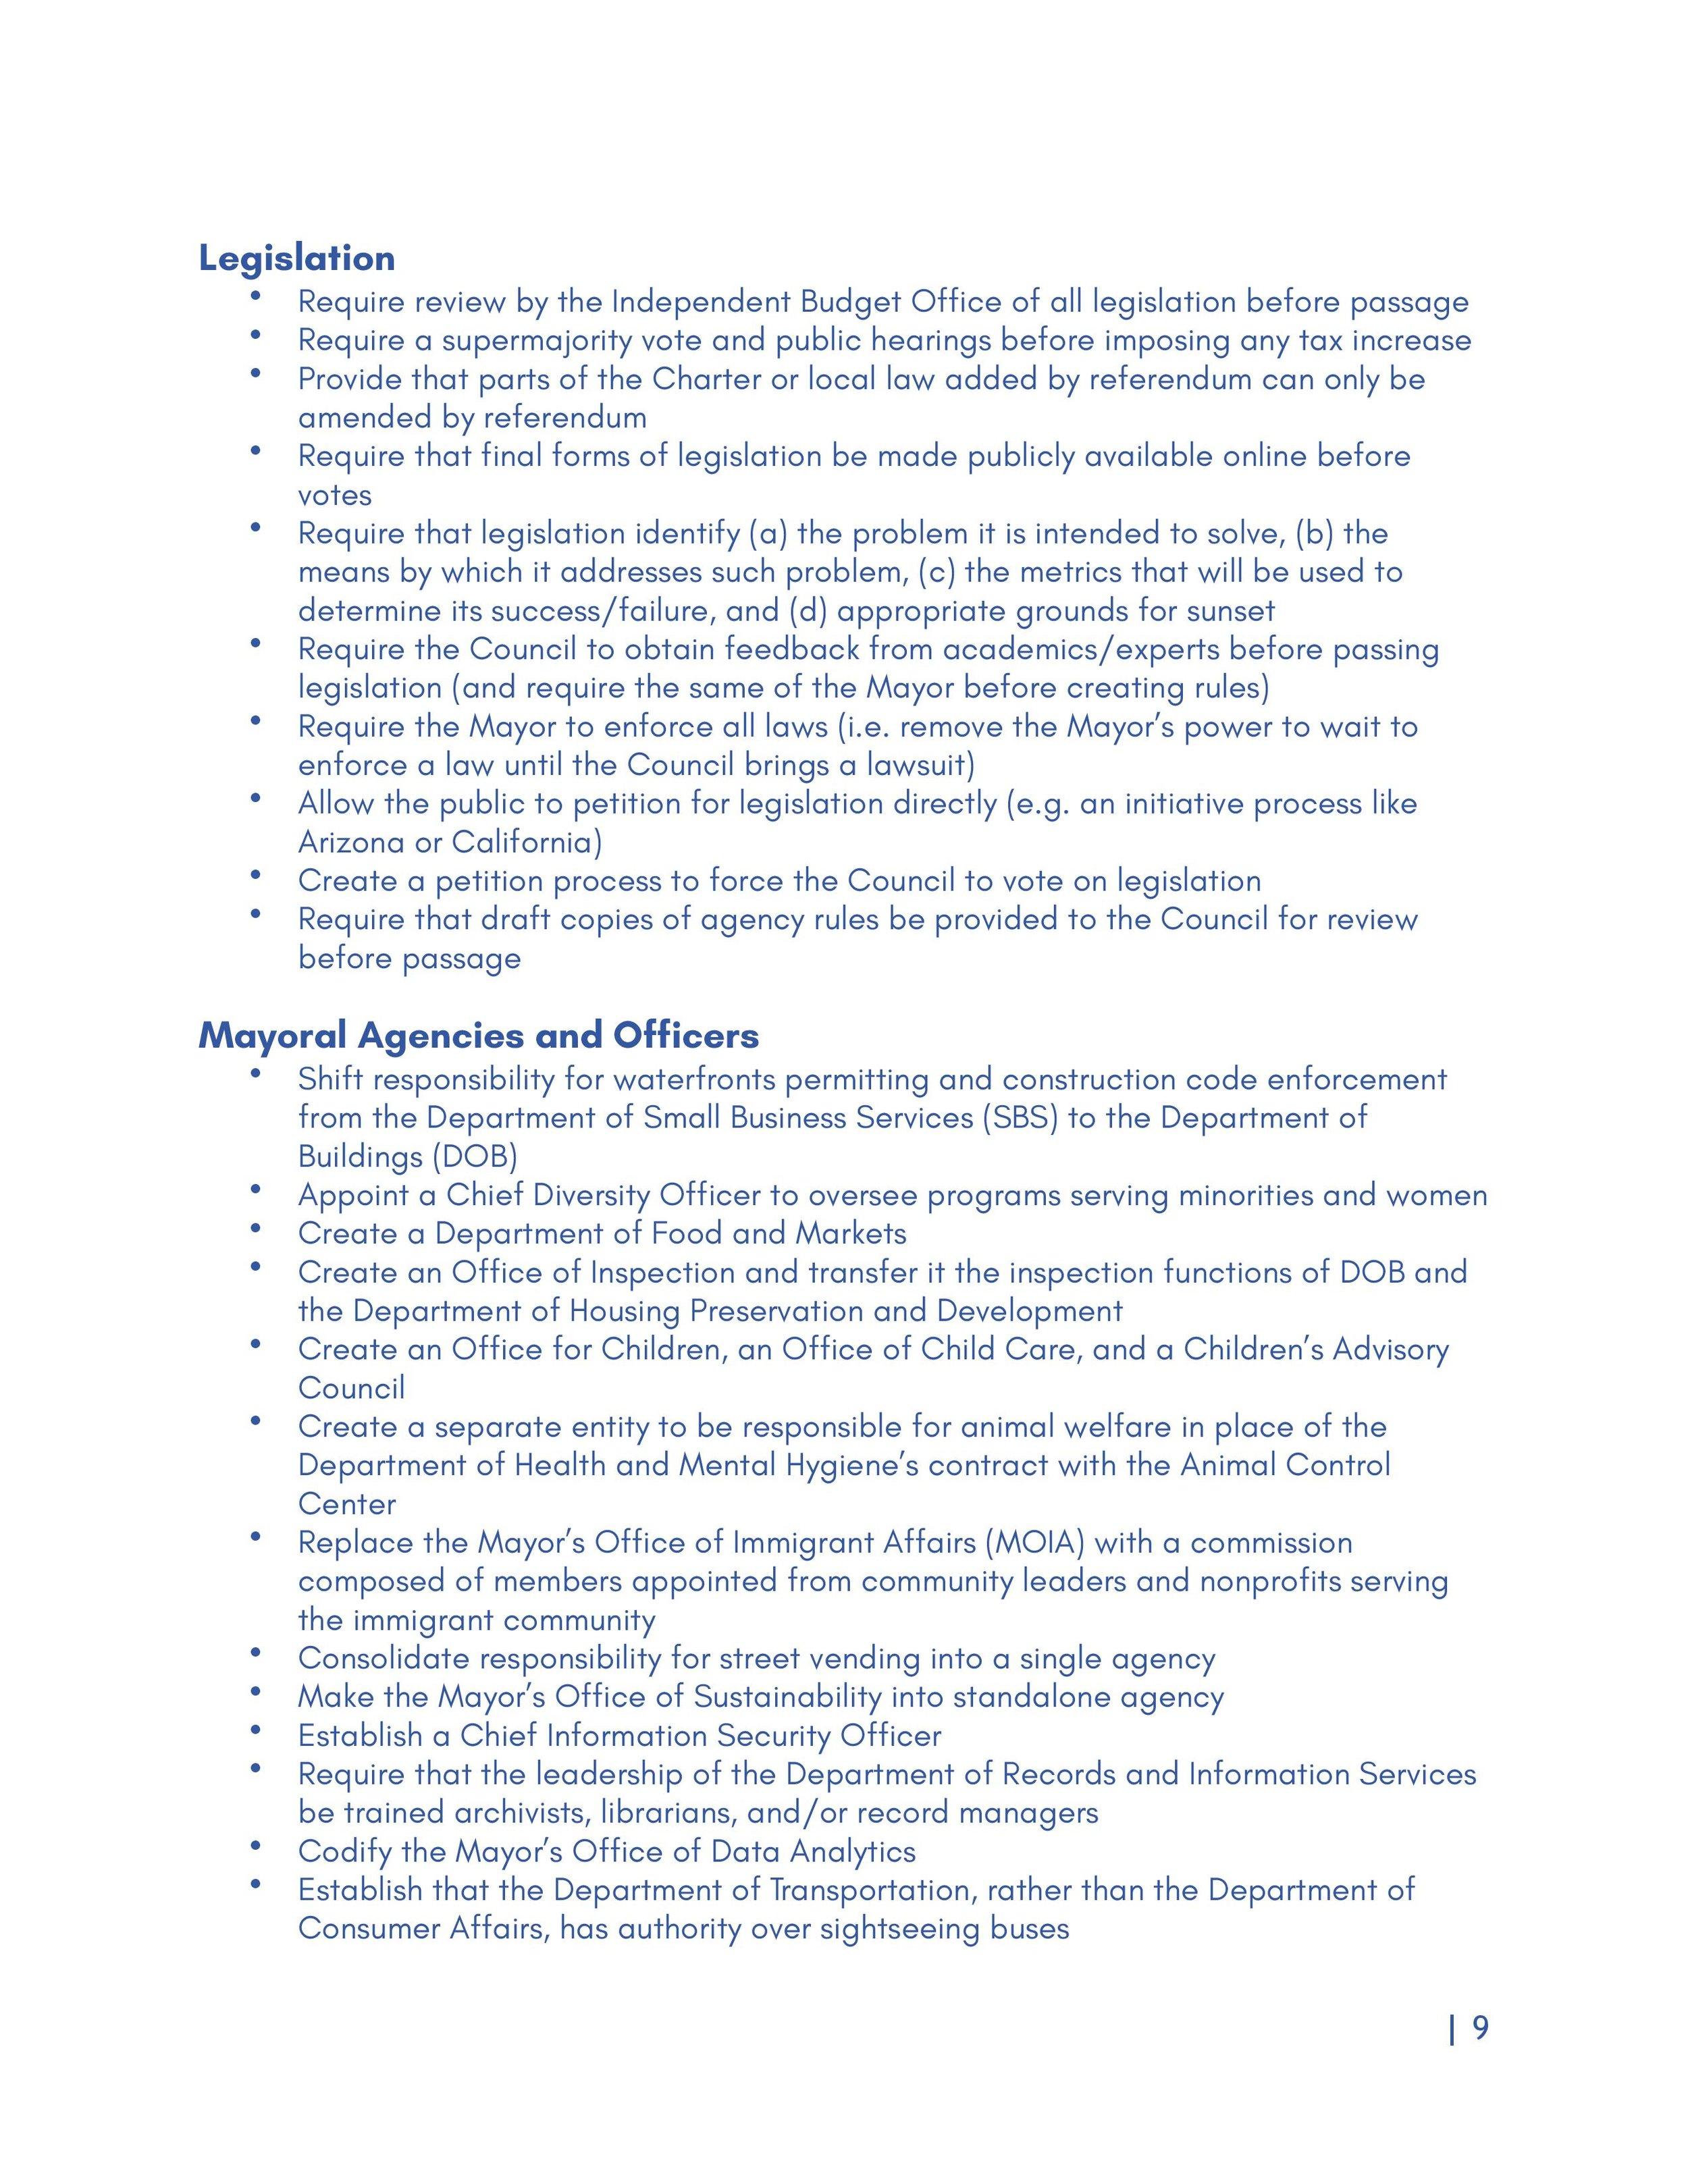 Proposals-page-009.jpg